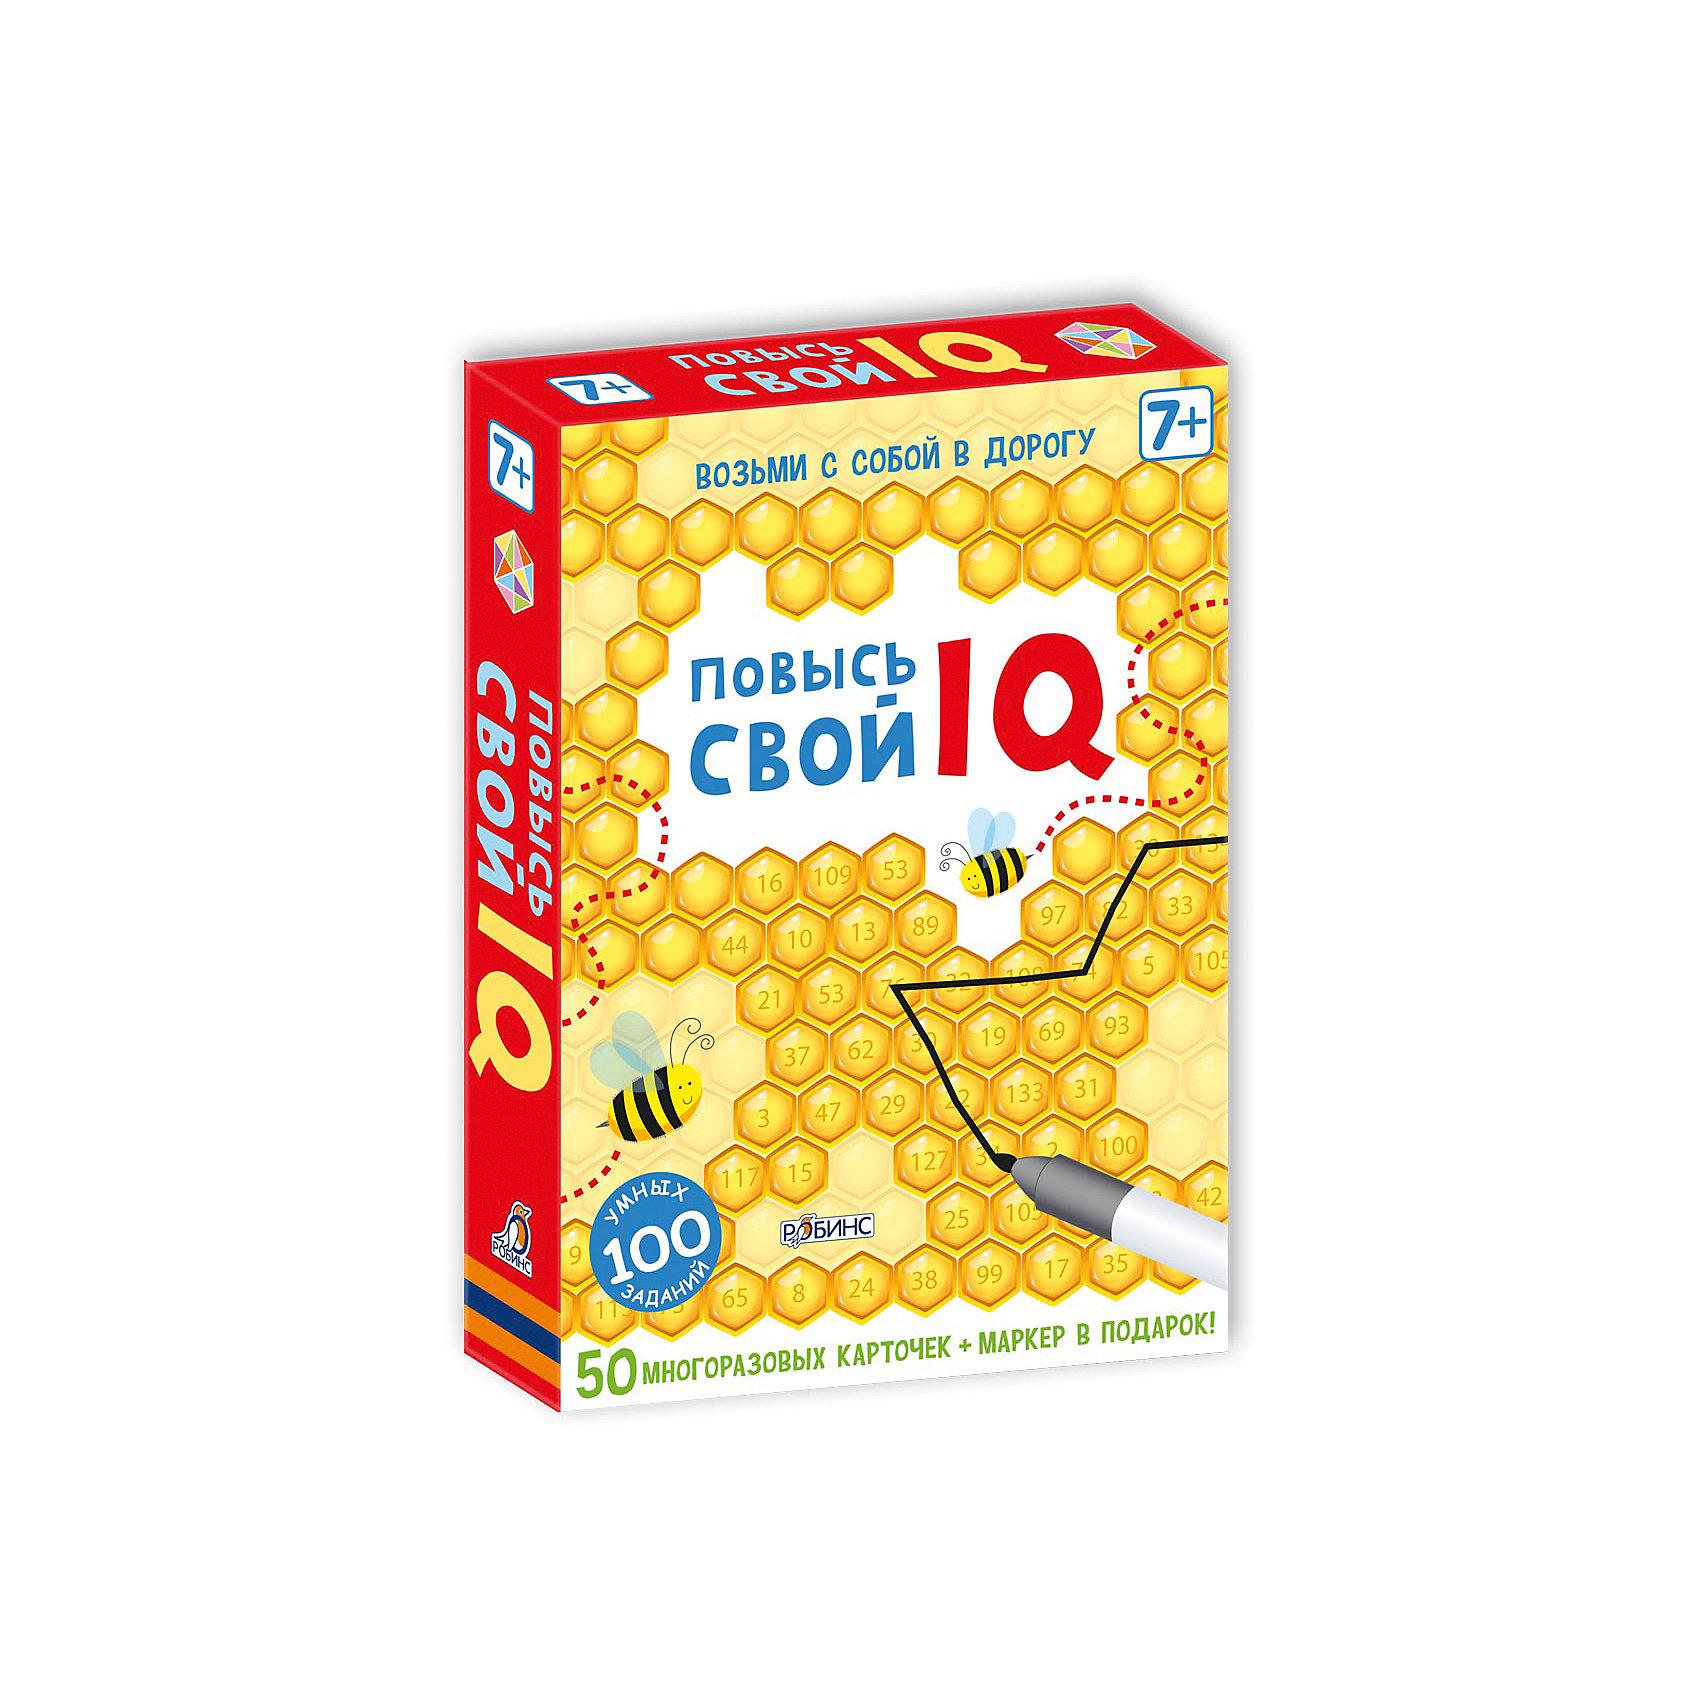 """Развивающие карточки Повысь свой IQОбучающие карточки<br>""""Повысь свой IQ""""- это развивающий игровой комплект карточек с различными интересными задачками и яркими картинками!<br>В чём особенность карточек:<br>- Карточки можно брать с собой в дорогу .<br>-В комплекте есть маркер на водной основе, которым можно писать на карточках, а потом с лёгкостью стирать его .<br>- Карточки сделаны из картона и покрыты защитной плёнкой.<br>- Каждая карточка – двусторонняя.<br>- Размер карточек – 15 x 11см.<br>- Игра способствует развитию логического мышления, внимания, речи, памяти, воображения и мелкой моторики.<br>- Карточки подходят как для самостоятельных занятий так и для групповых игр.<br>- Каждая карточка – это интересная задачка и яркая картинка!<br>-Даже взрослые будут с удовольствием решать интересные задачки.<br>Что найдём внутри:<br>- 50 многоразовых карточек;<br>- маркер на водной основе.<br>Важно знать родителям:<br>- Набор карточек предназначен для детей от 9 лет, детей школьного возраста, а также для родителей.<br><br>Дополнительная информация:<br><br>88 заданий<br>Страниц: 50<br>Формат: 15.7 x 11.3 x 2.7<br>В состав набора входит 50 многоразовых двусторонних карточек с заданиями размером 15,4х9,8 см и маркер.<br><br>Развивающие карточки Повысь свой IQ можно купить в нашем магазине.<br><br>Ширина мм: 155<br>Глубина мм: 100<br>Высота мм: 25<br>Вес г: 295<br>Возраст от месяцев: 84<br>Возраст до месяцев: 2147483647<br>Пол: Унисекс<br>Возраст: Детский<br>SKU: 4610604"""